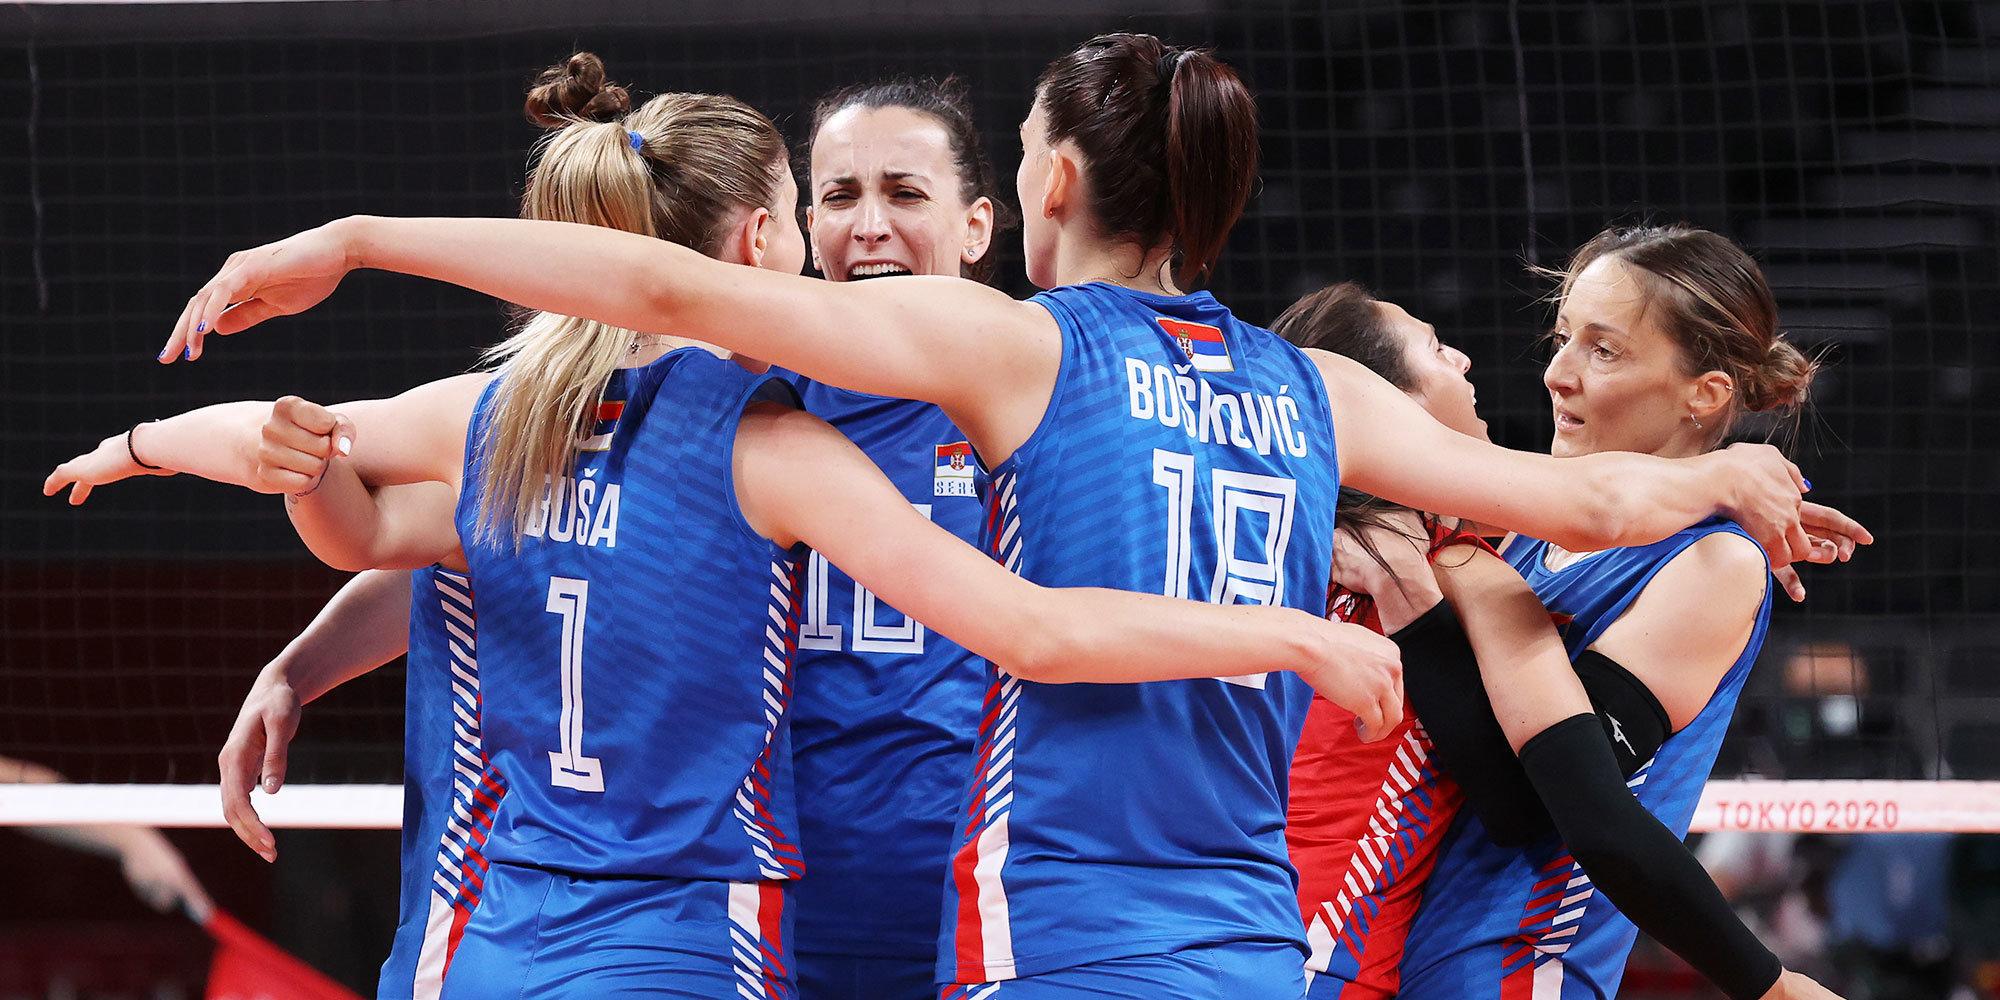 Сербские волейболистки стали последними полуфиналистками чемпионата Европы